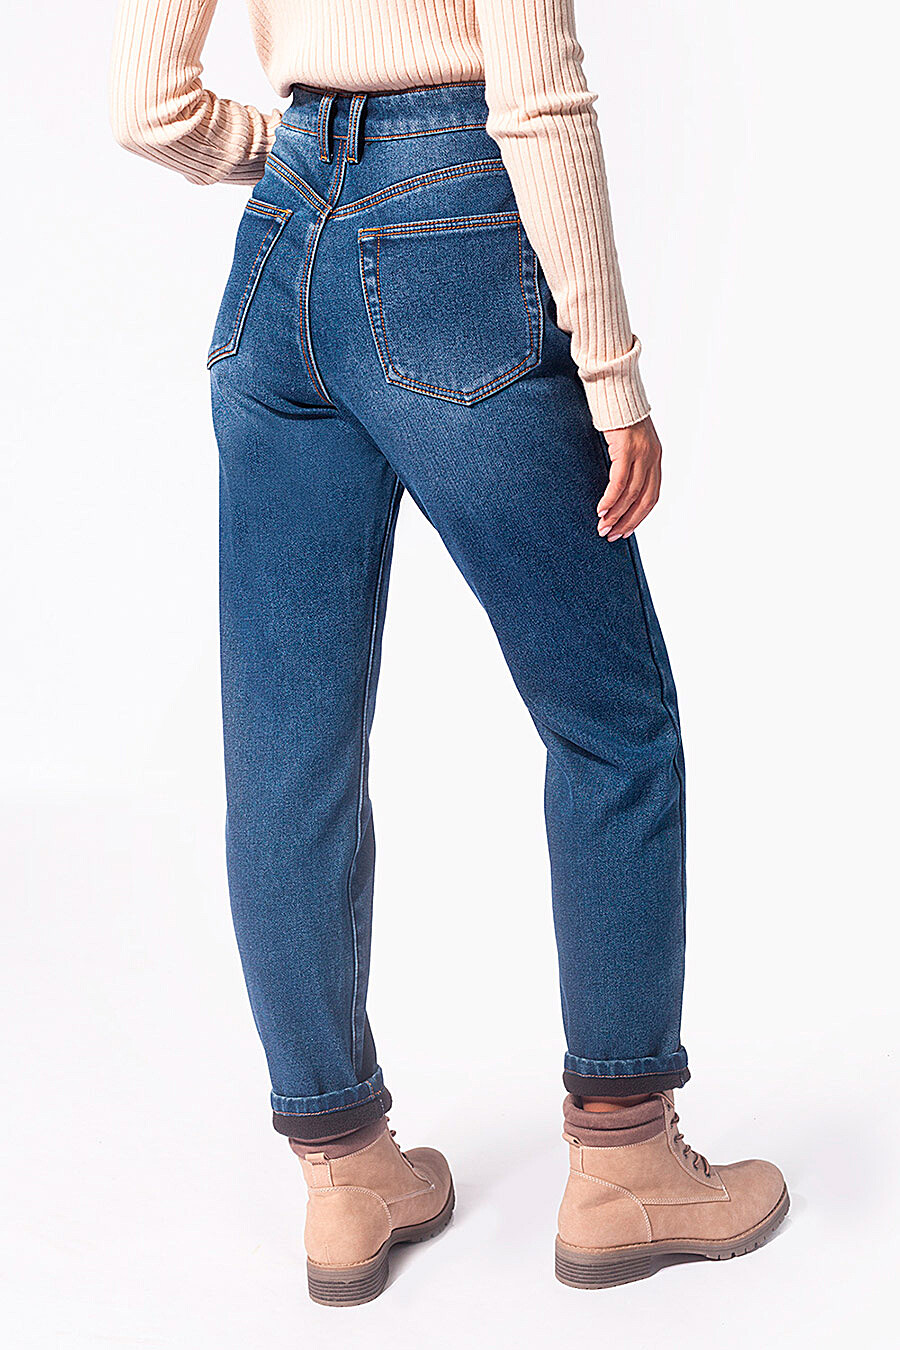 Джинсы для женщин VILATTE 700228 купить оптом от производителя. Совместная покупка женской одежды в OptMoyo